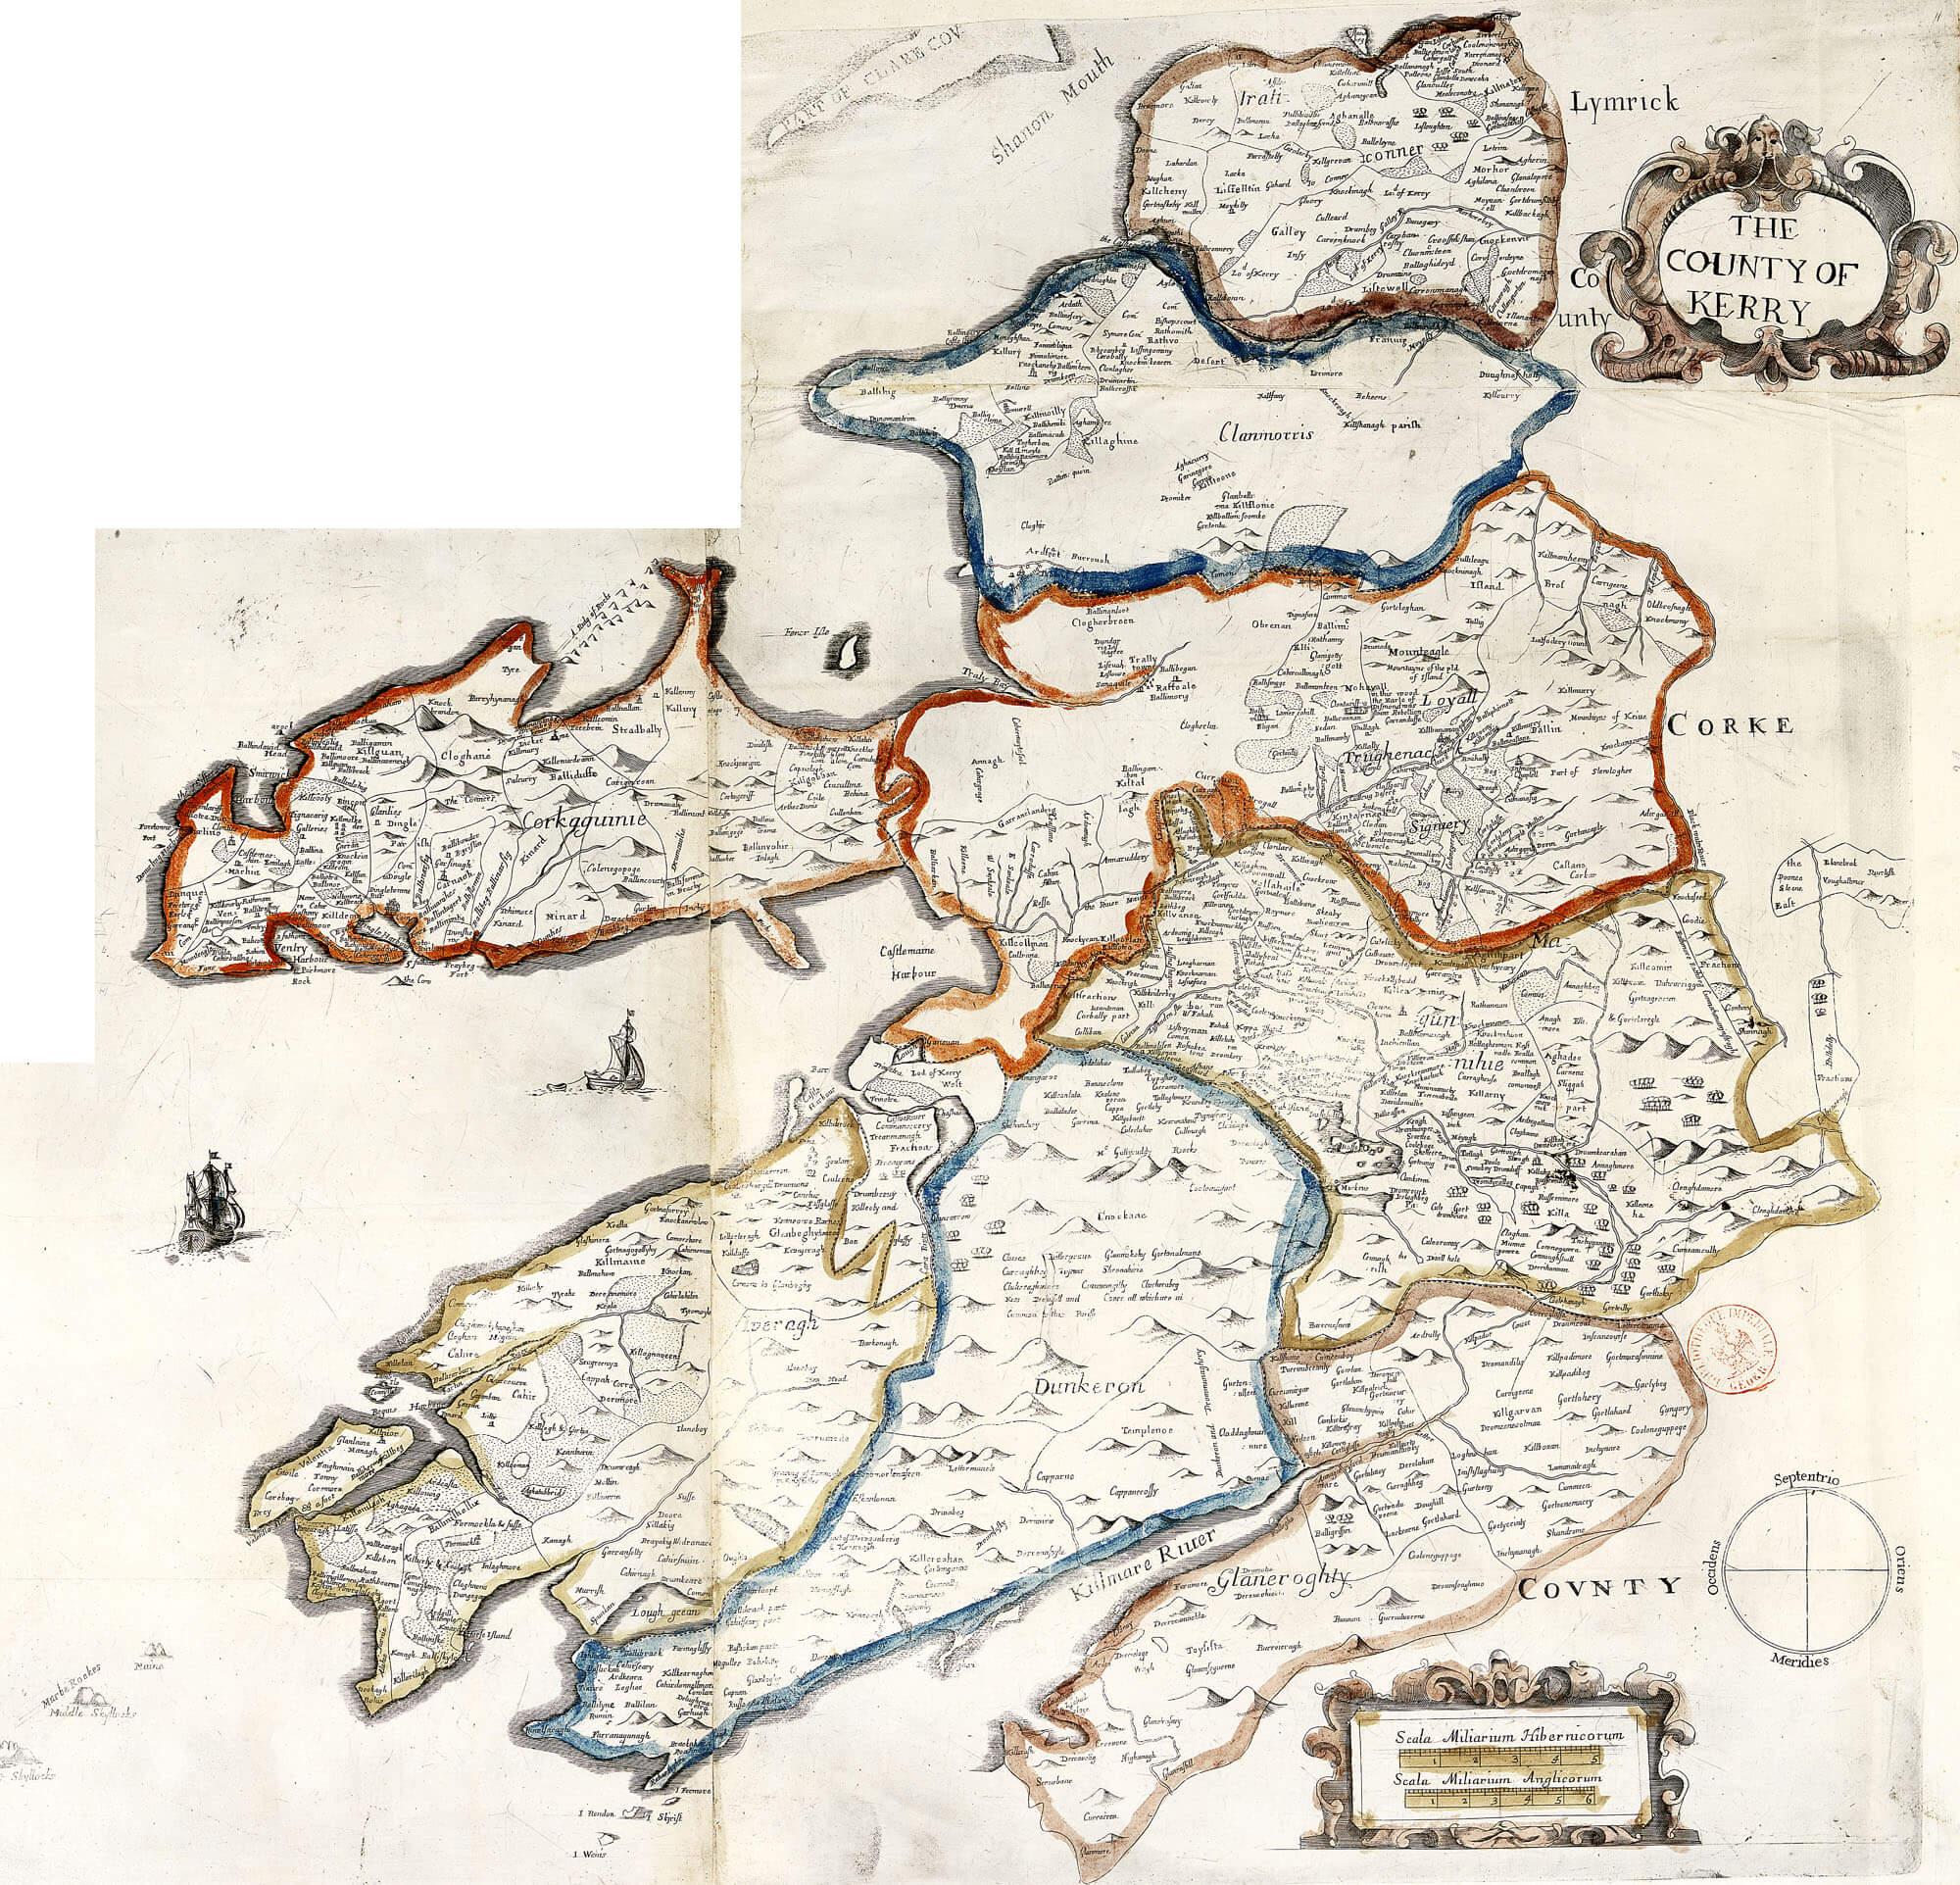 Ireland Barony Maps County Kerry – L Brown Collection on map of germany, map of ohrid macedonia, map of canada, map of scotland, map of sapporo japan, map of england, map of leningrad russia, map of kunming china, map of kaohsiung taiwan, map of bora bora tahiti, map of kiev ukraine, map of india, map of kumasi ghana, map of koh samui thailand, map of africa, map of kuala lumpur malaysia, map of rzeszow poland, map of kigali rwanda, map of karachi pakistan, map of kampala uganda,